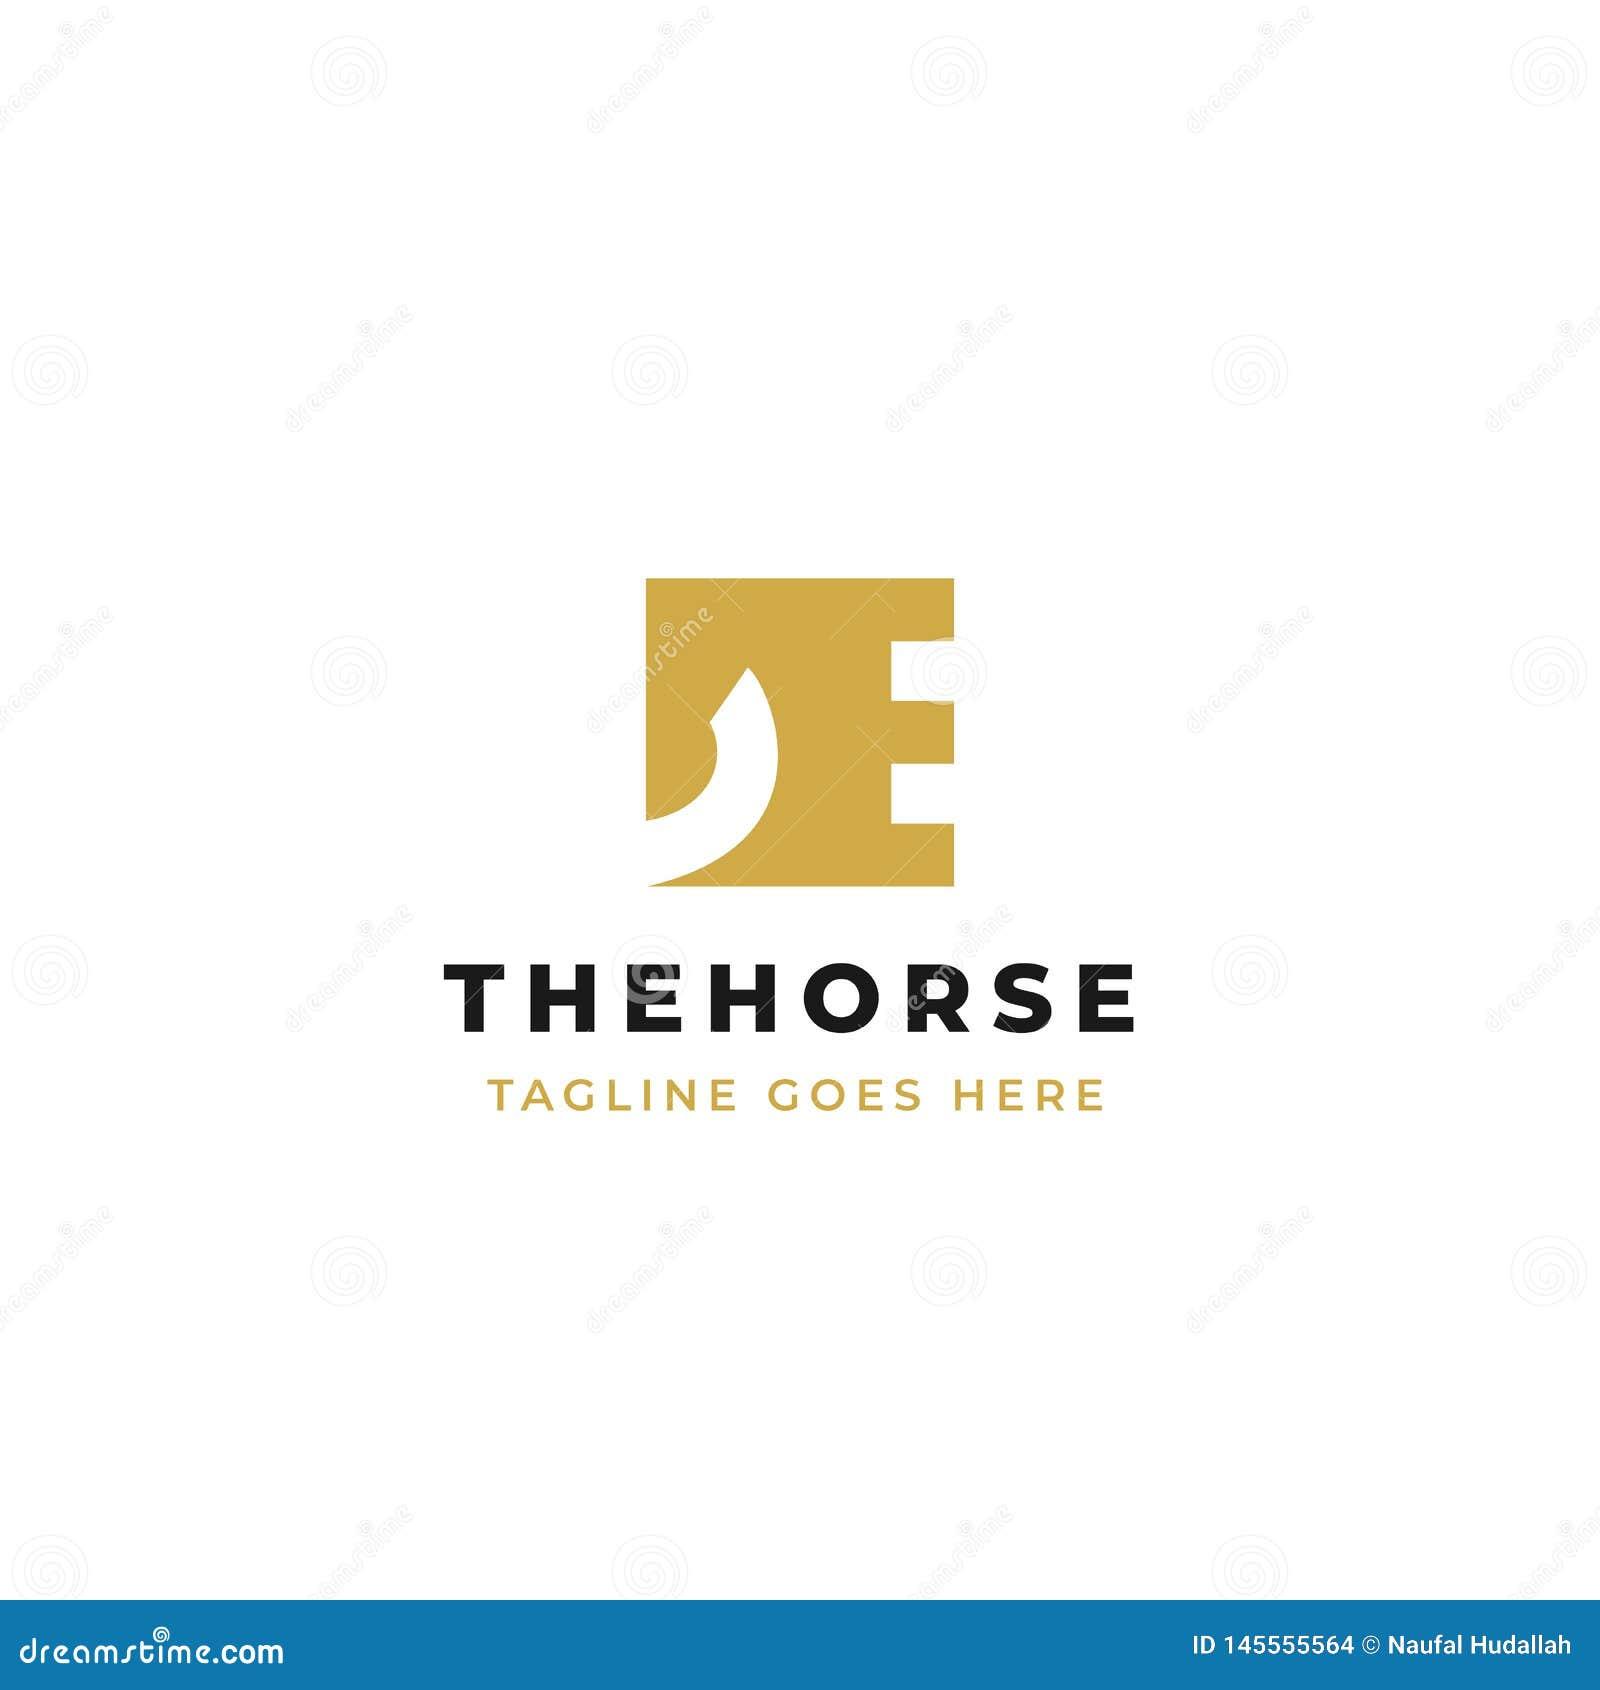 Horse Logo Letter Stock Illustrations 853 Horse Logo Letter Stock Illustrations Vectors Clipart Dreamstime